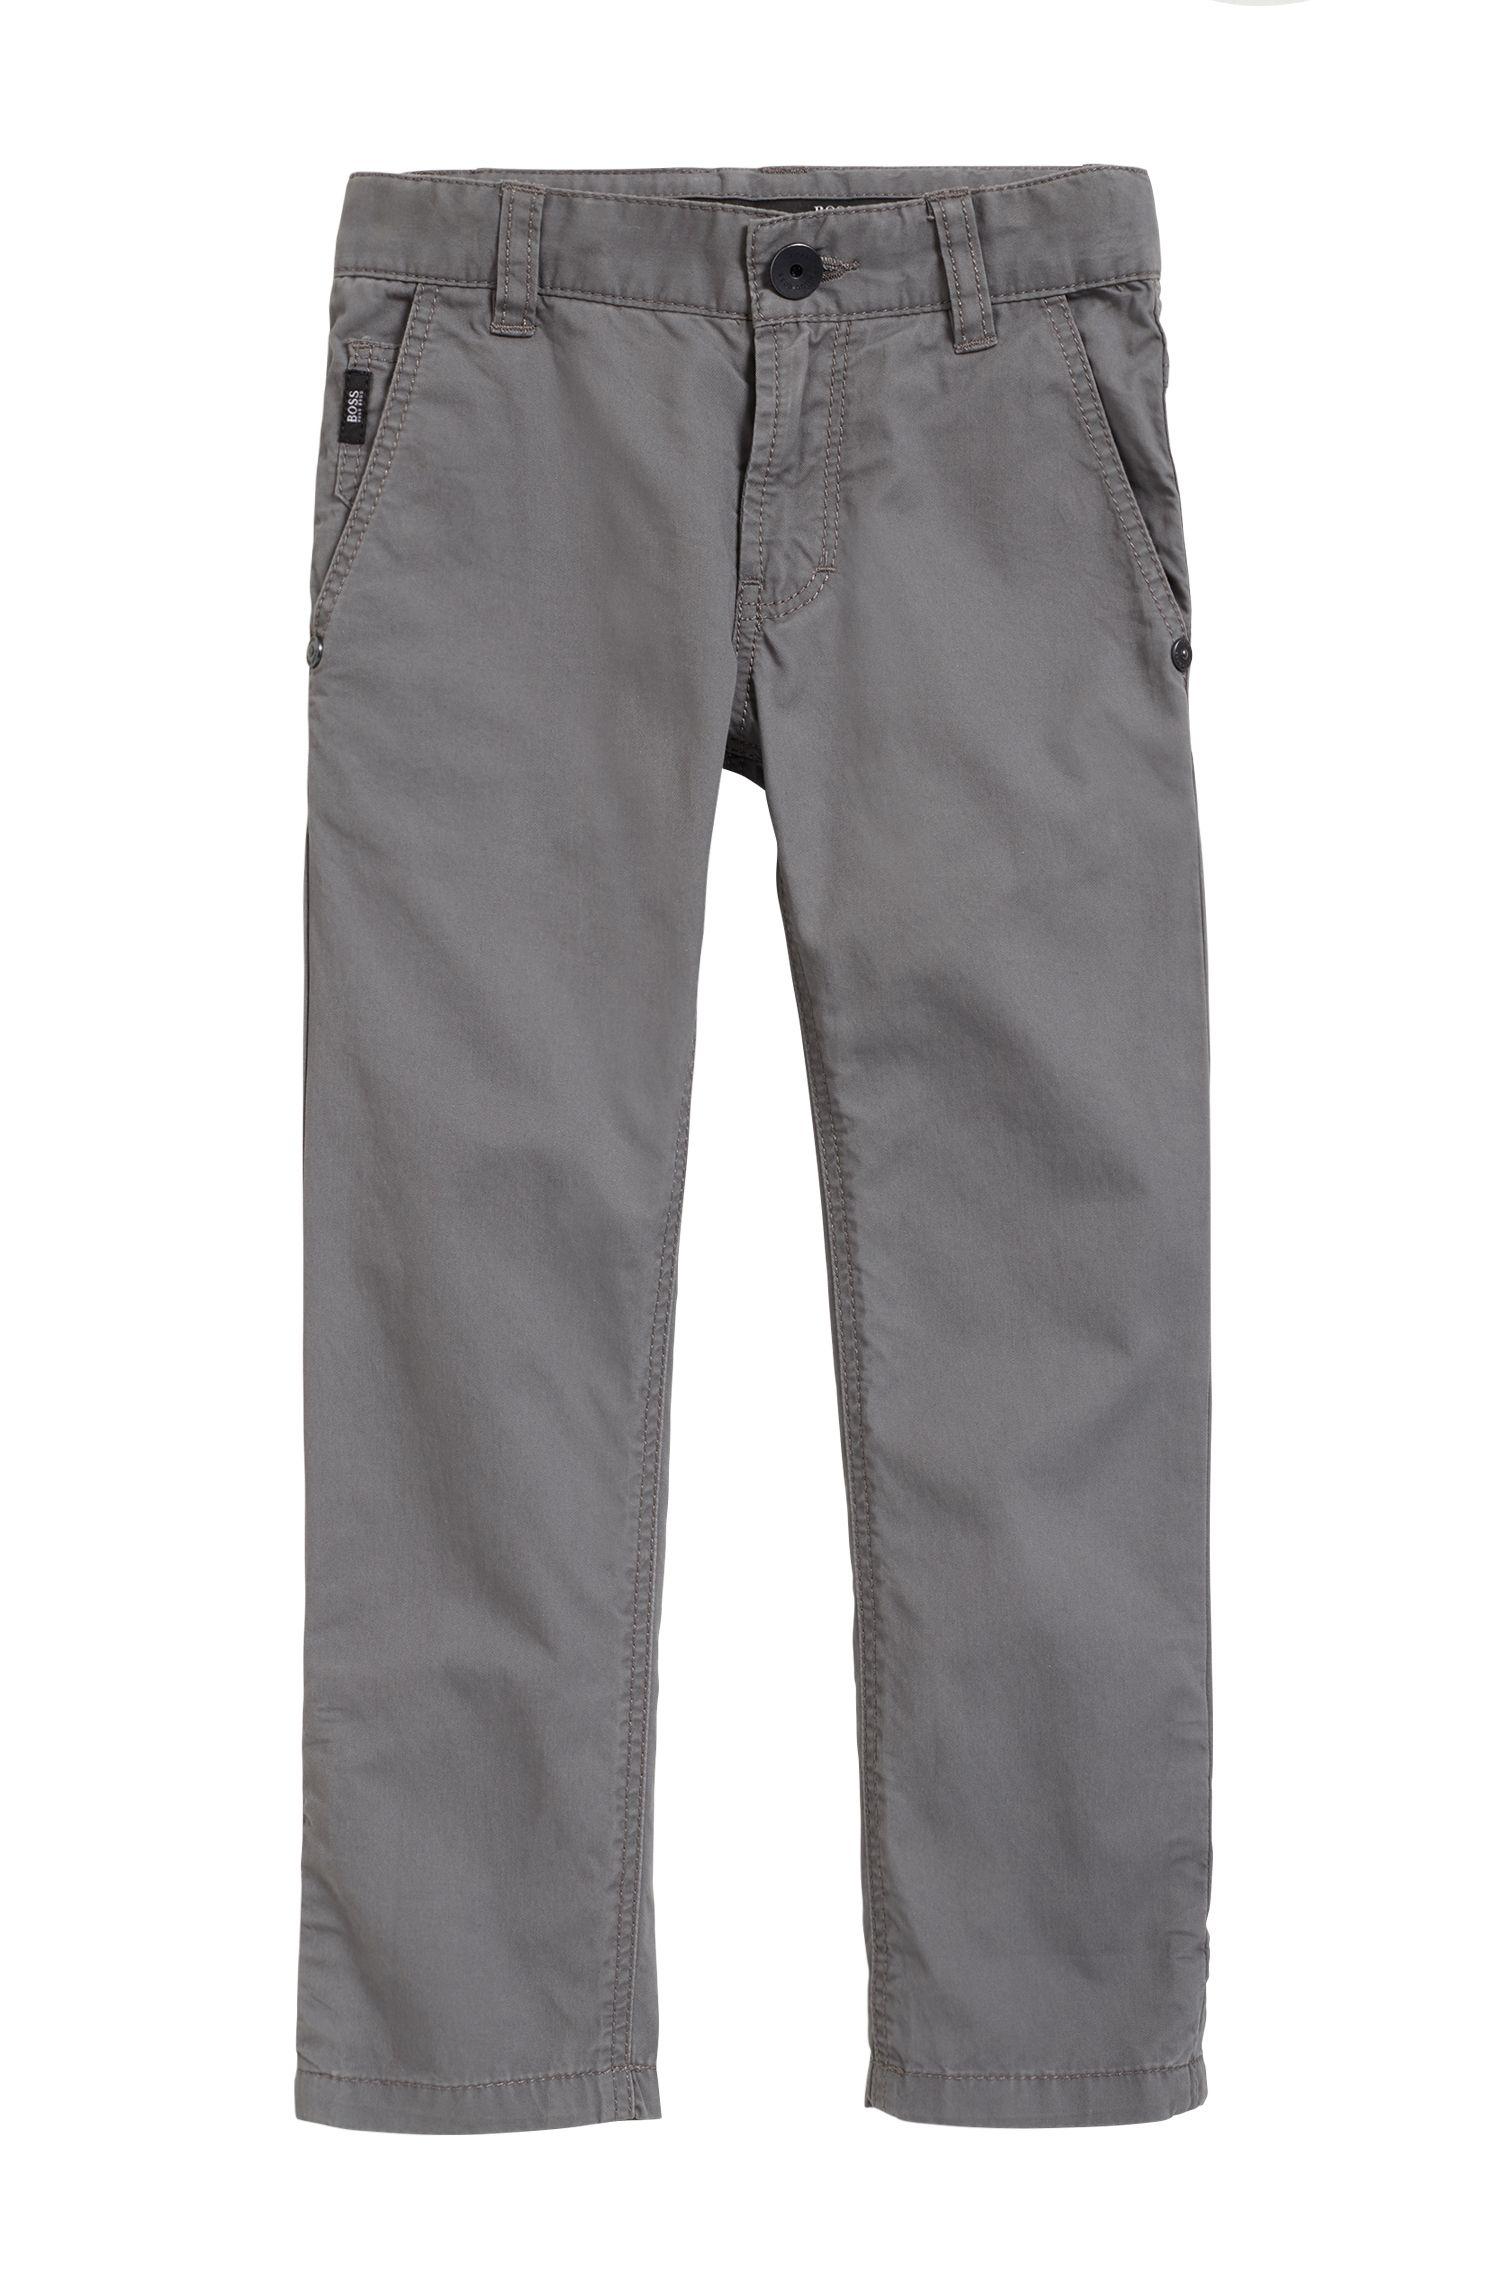 Pantalon casual enfant en sergé de coton, avec revers détaillés